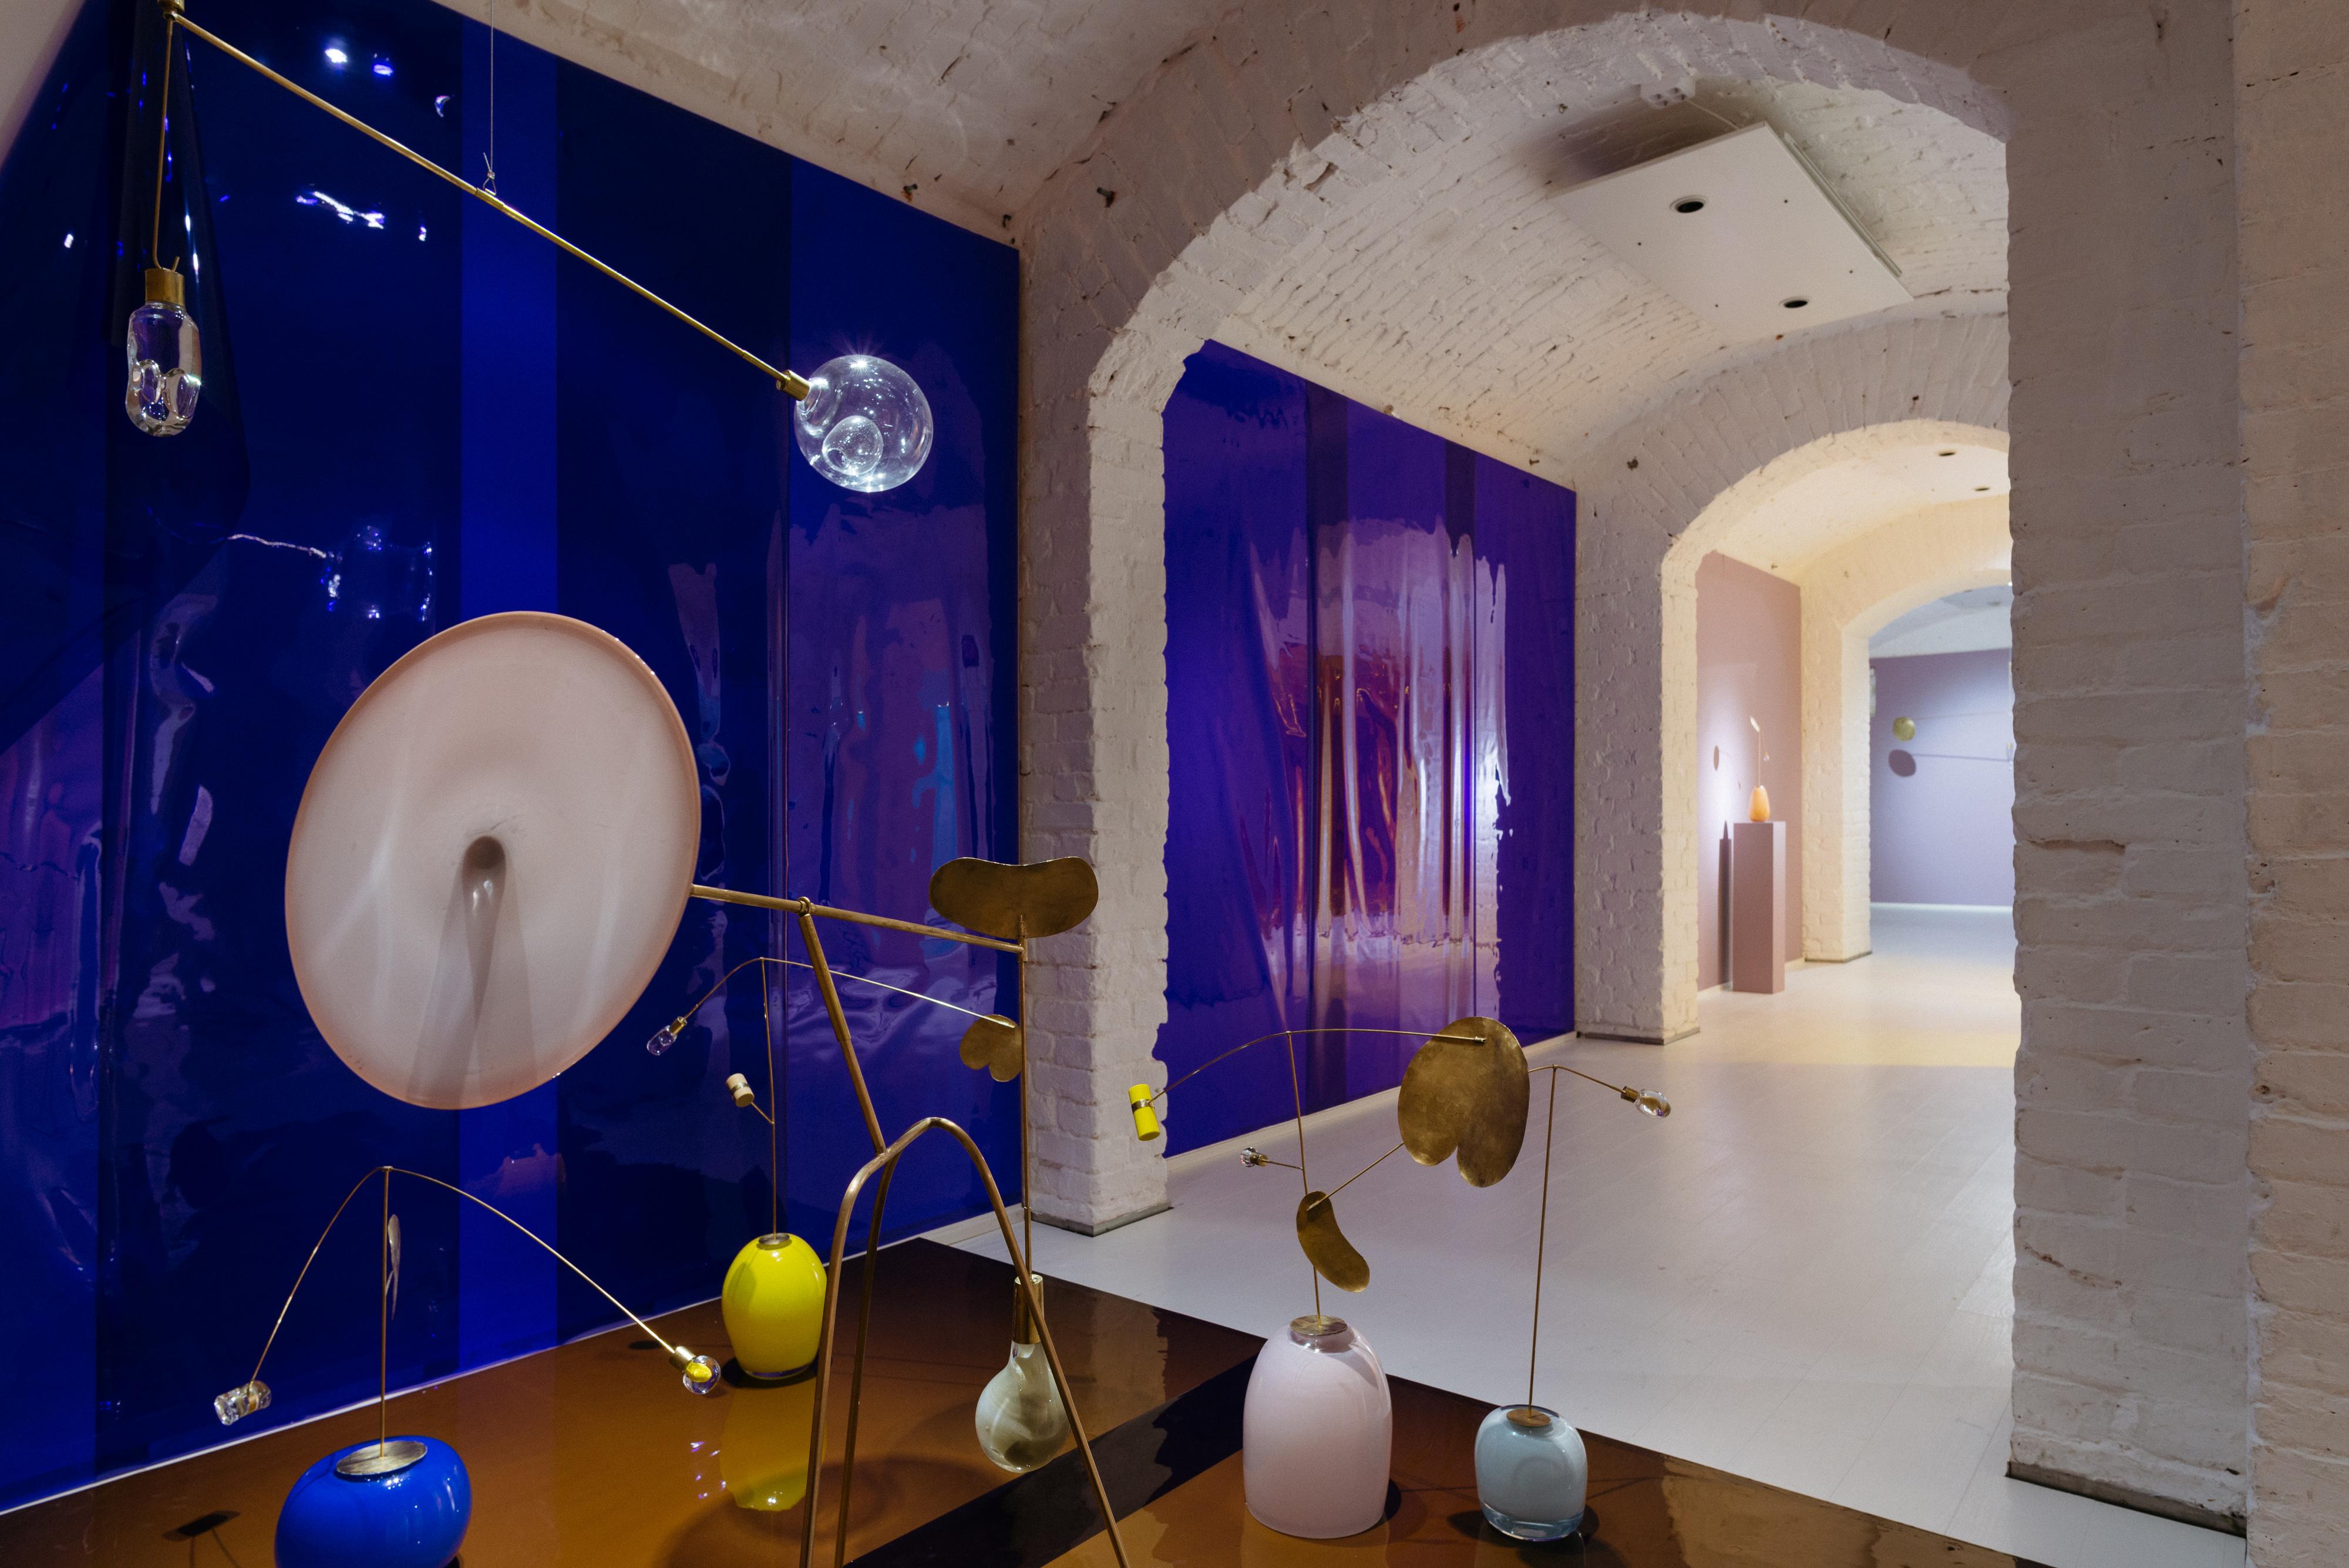 Milla Vaahteran Dialogi -näyttely Designmuseossa